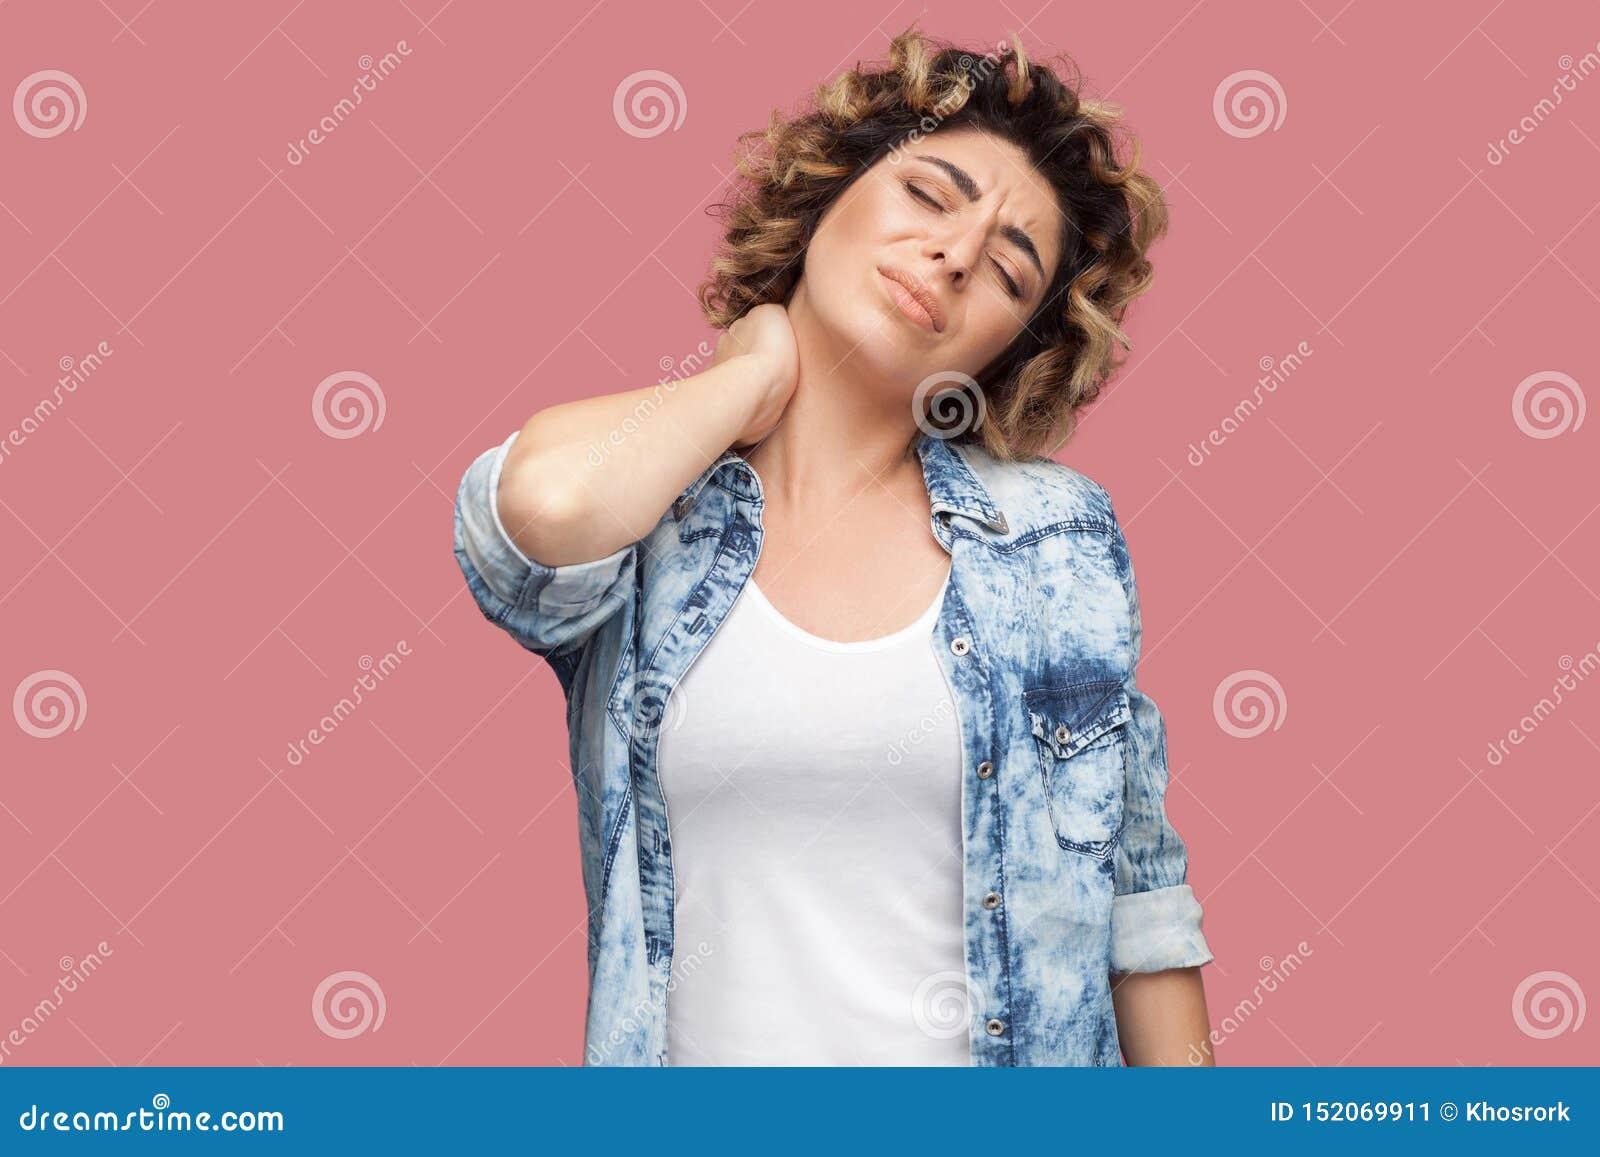 Ritratto Di Bella Giovane Donna Bionda Con Lacconciatura